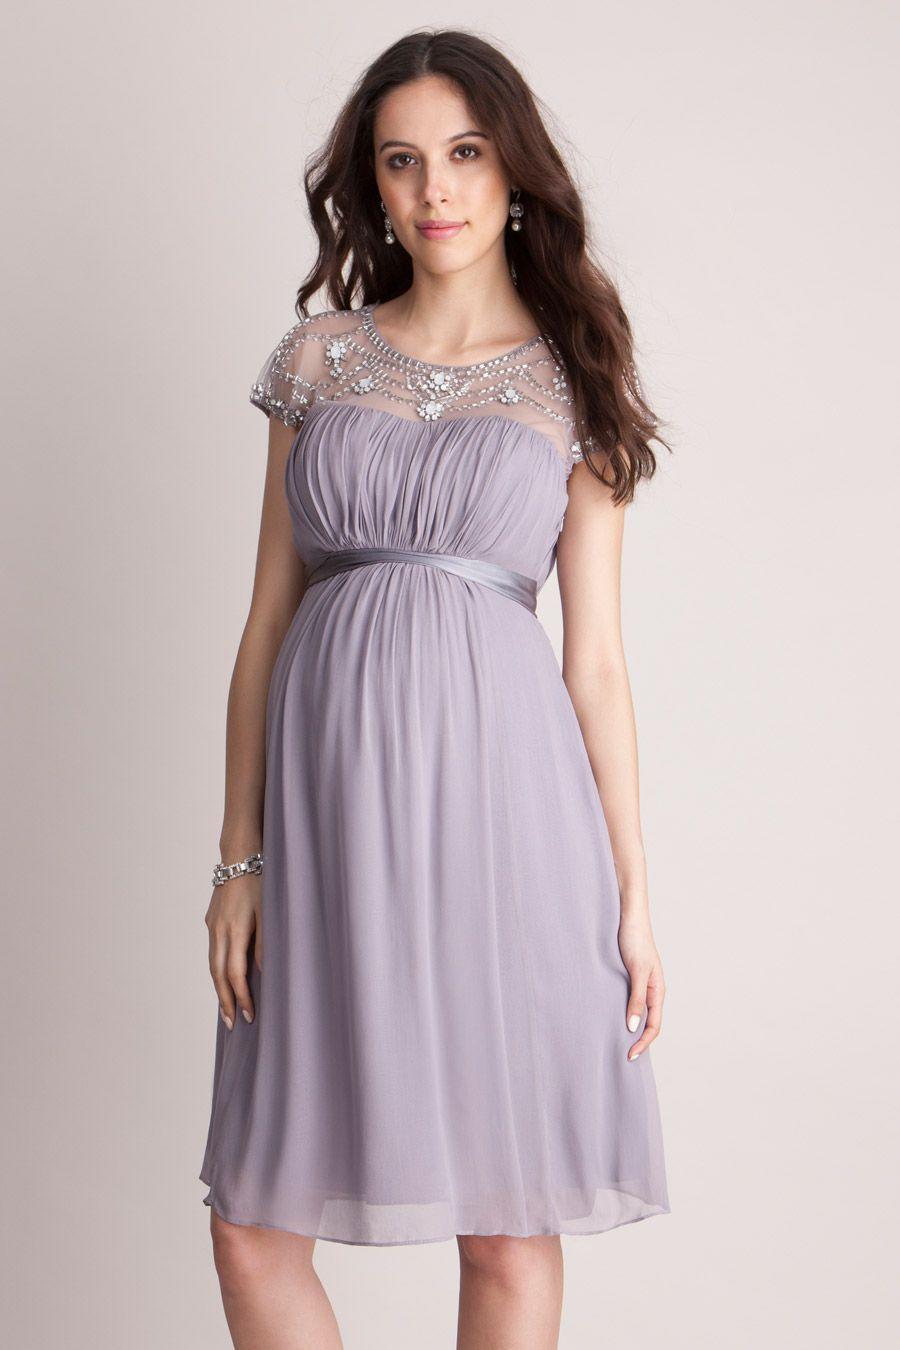 bestseller | umstandskleid, kleider für schwangere, outfits